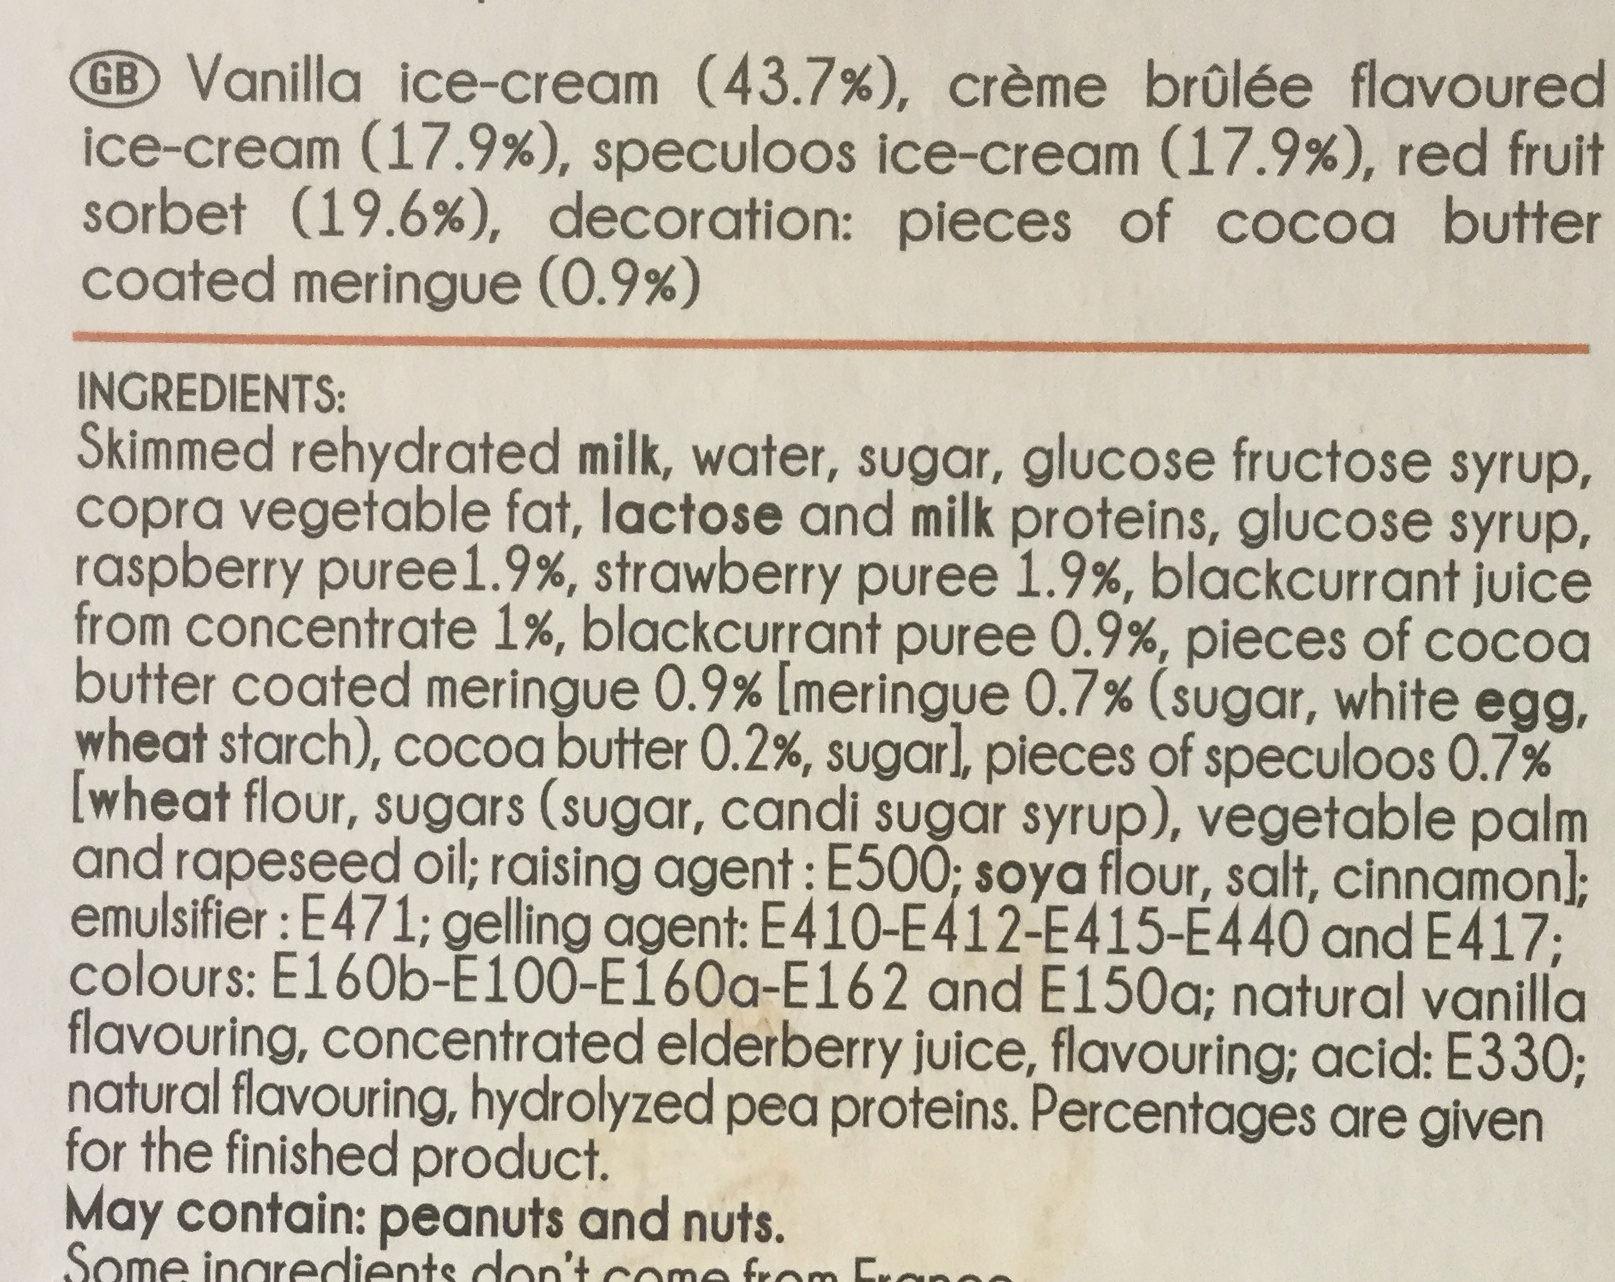 Mini Délices Vanille-saveur crème brûlée, Vanille-fruits rouges, Spéculoos-vanille - Ingredients - en